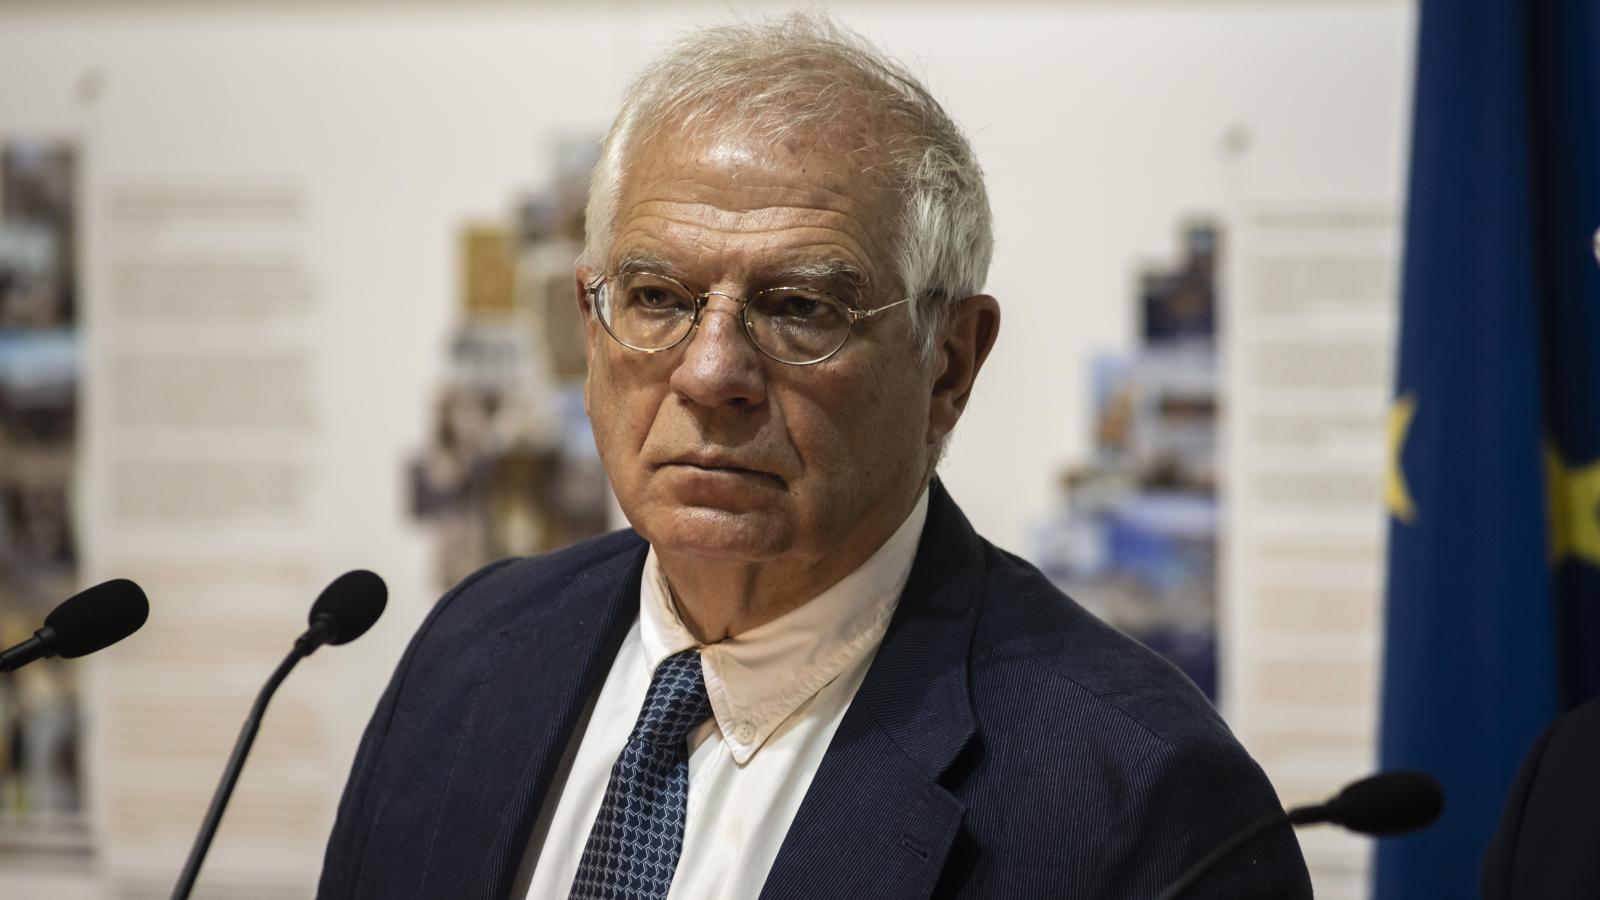 Des eurodéputés interpellent Josep Borrell sur la répression en Algérie